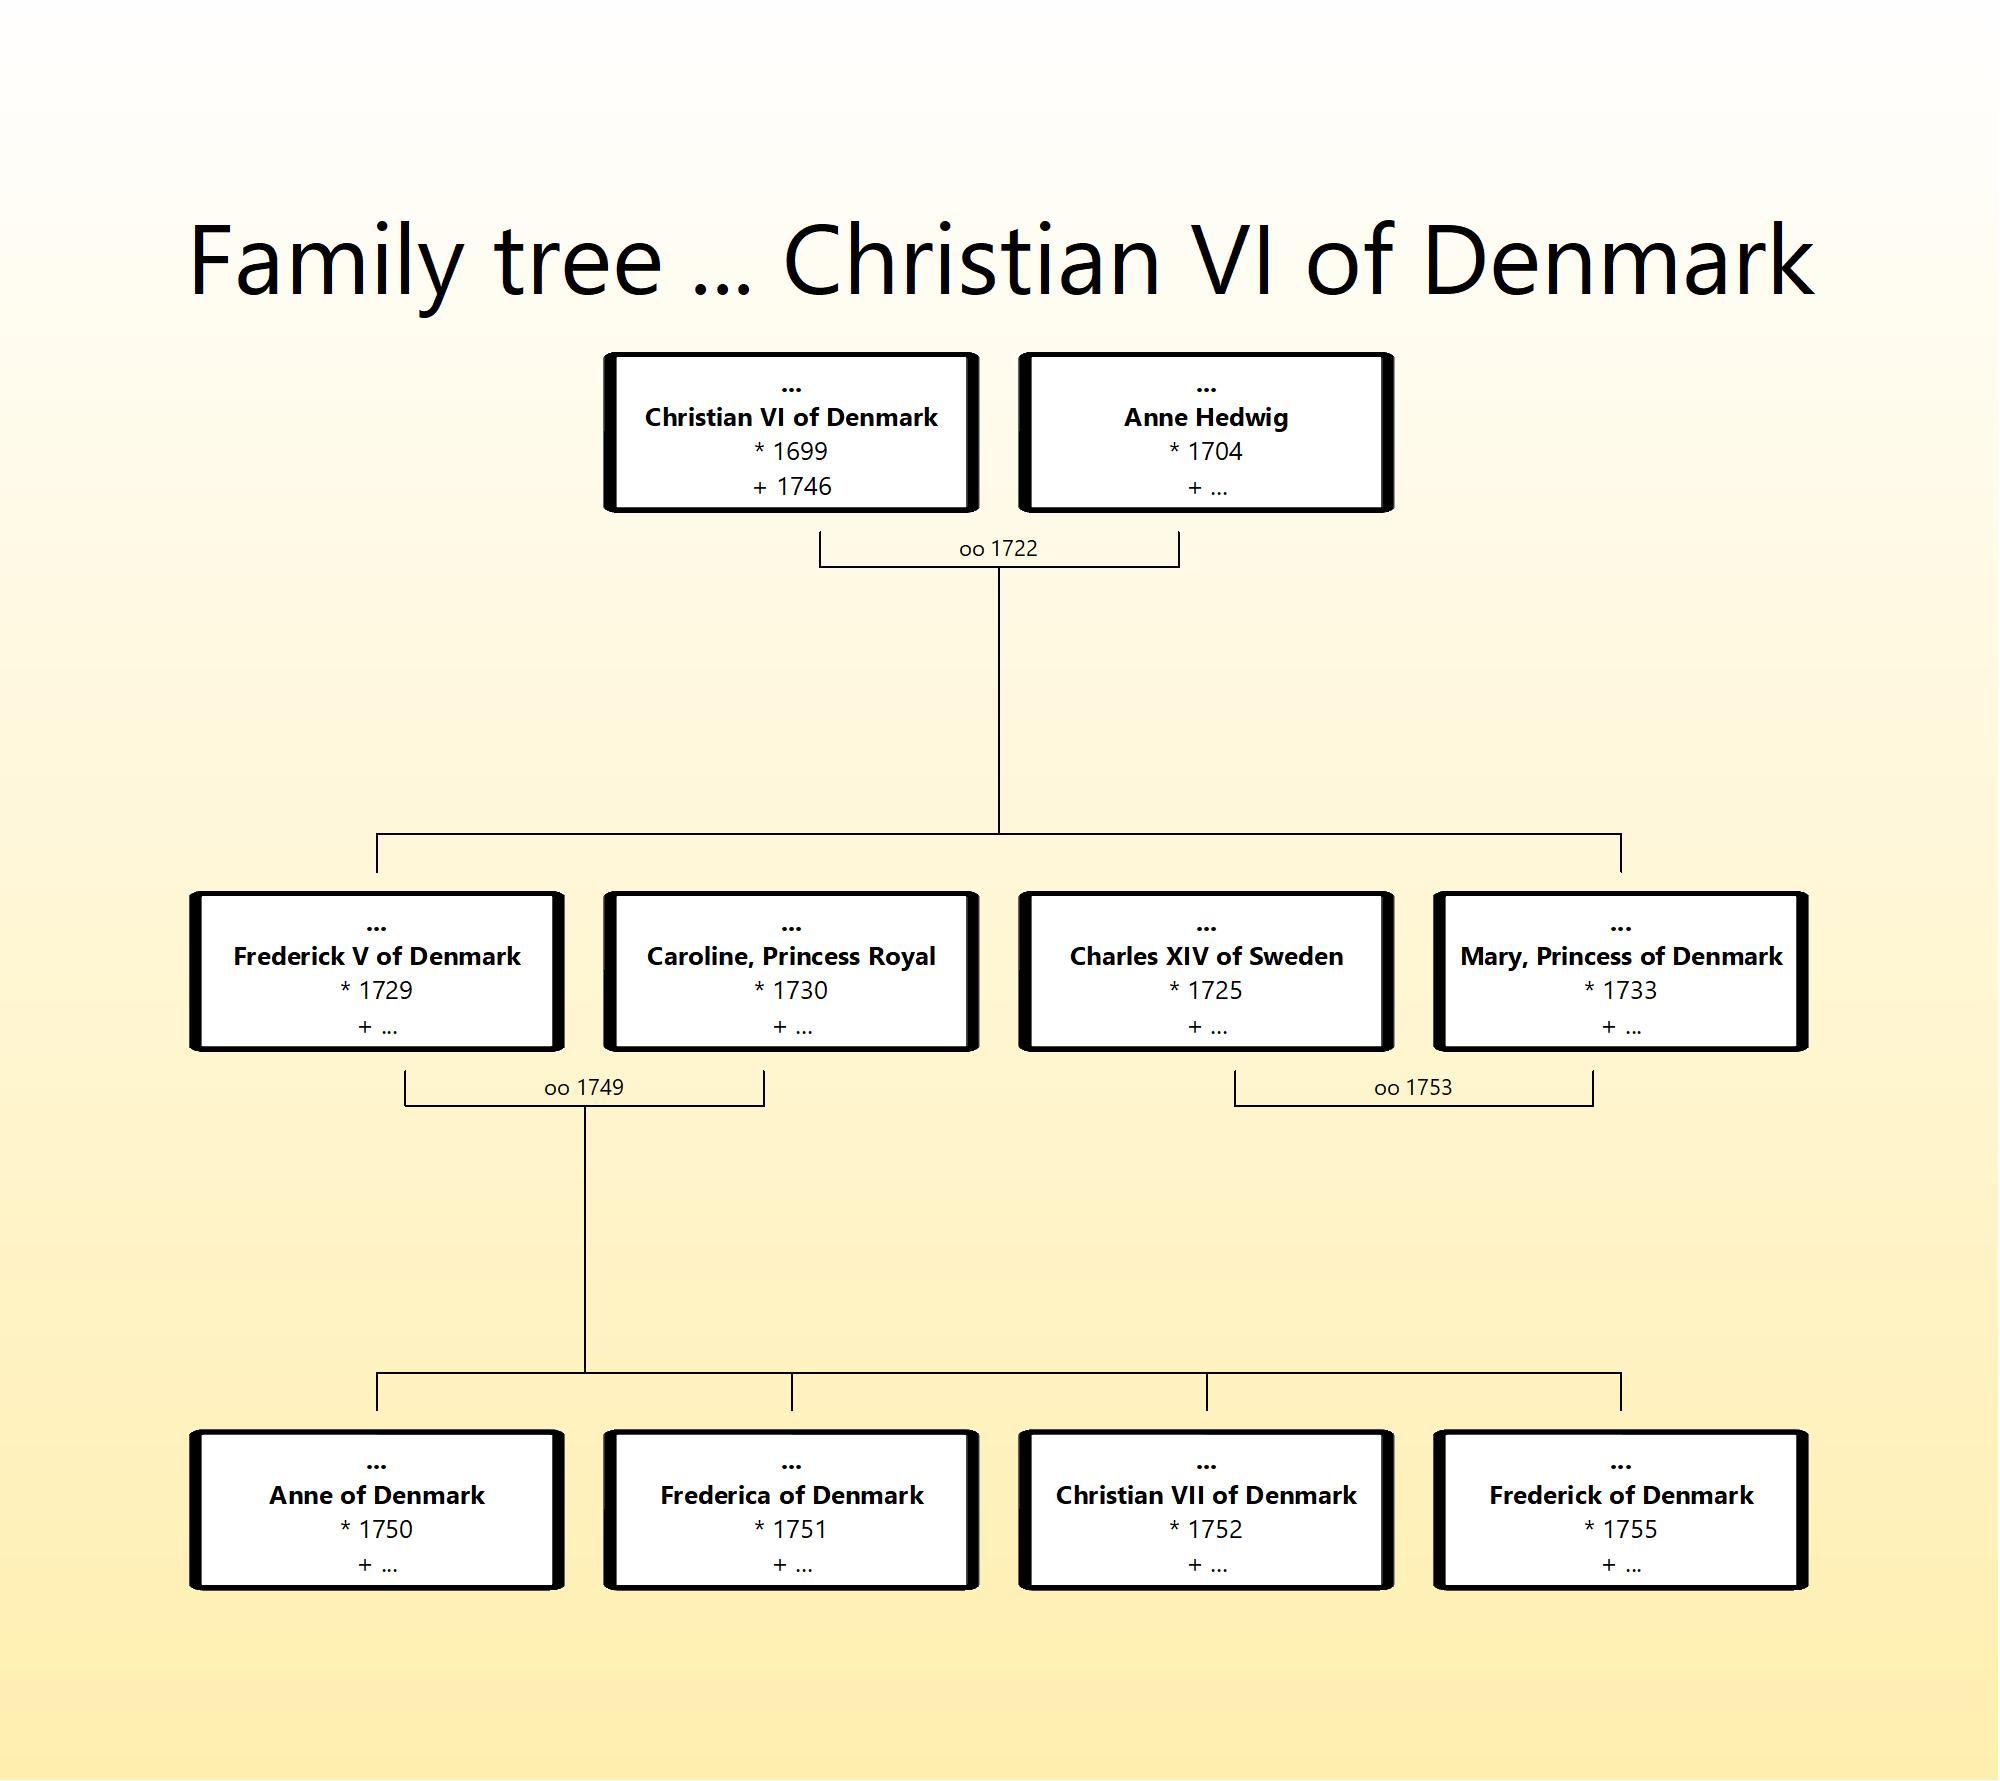 cHRISTIAN vi OF dENMARK FAMILY TREE.jpg